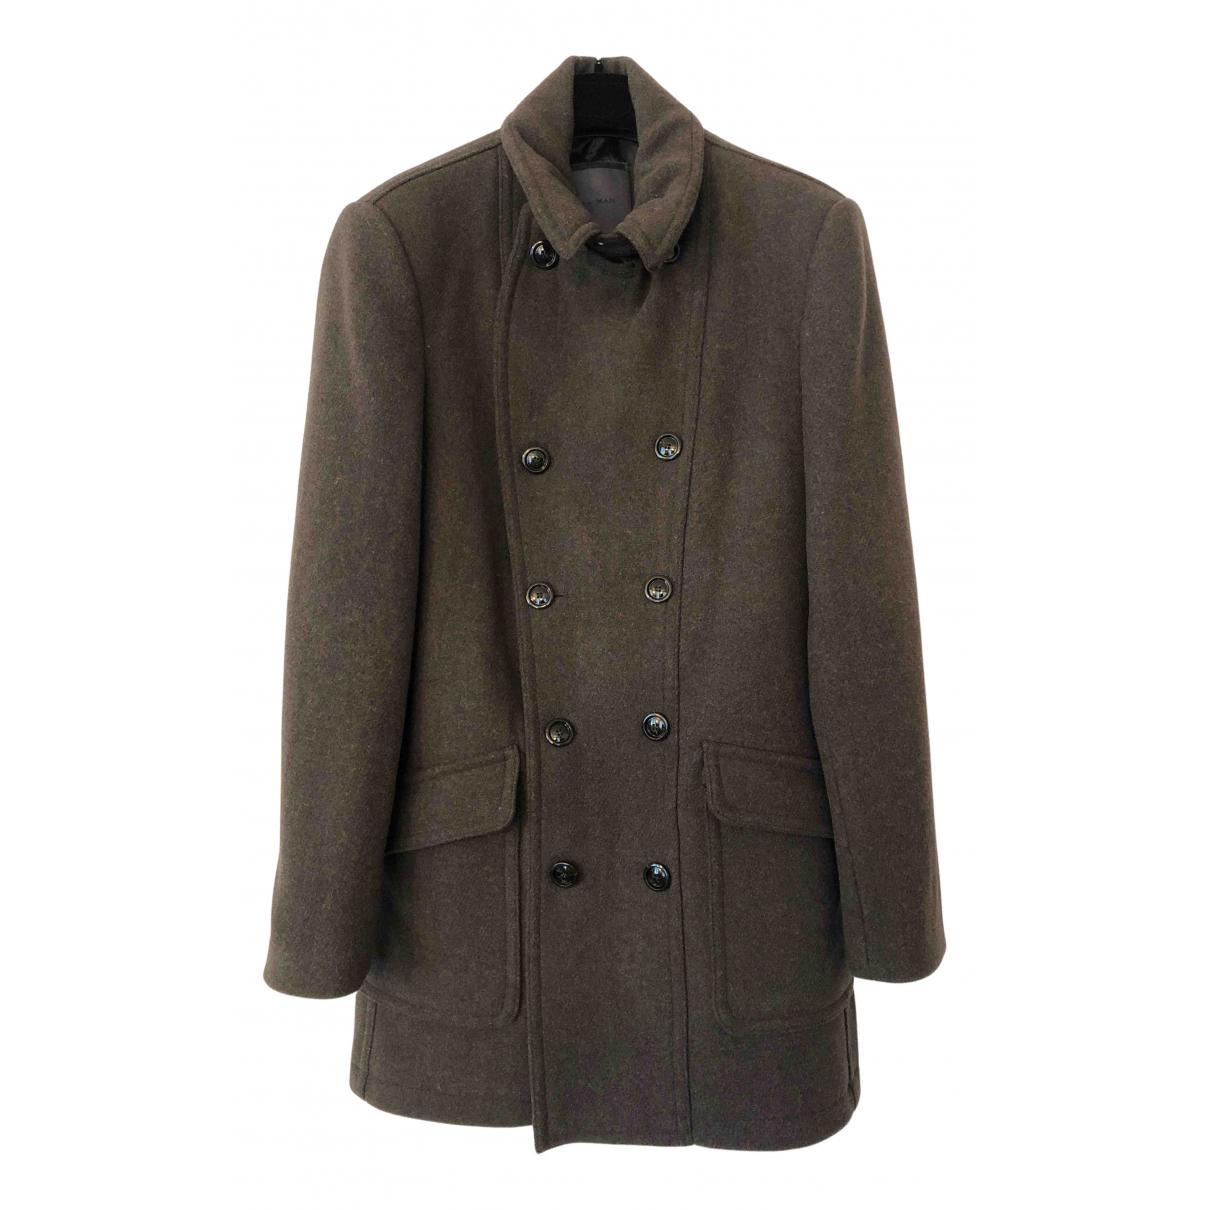 Zara - Manteau   pour homme en laine - kaki